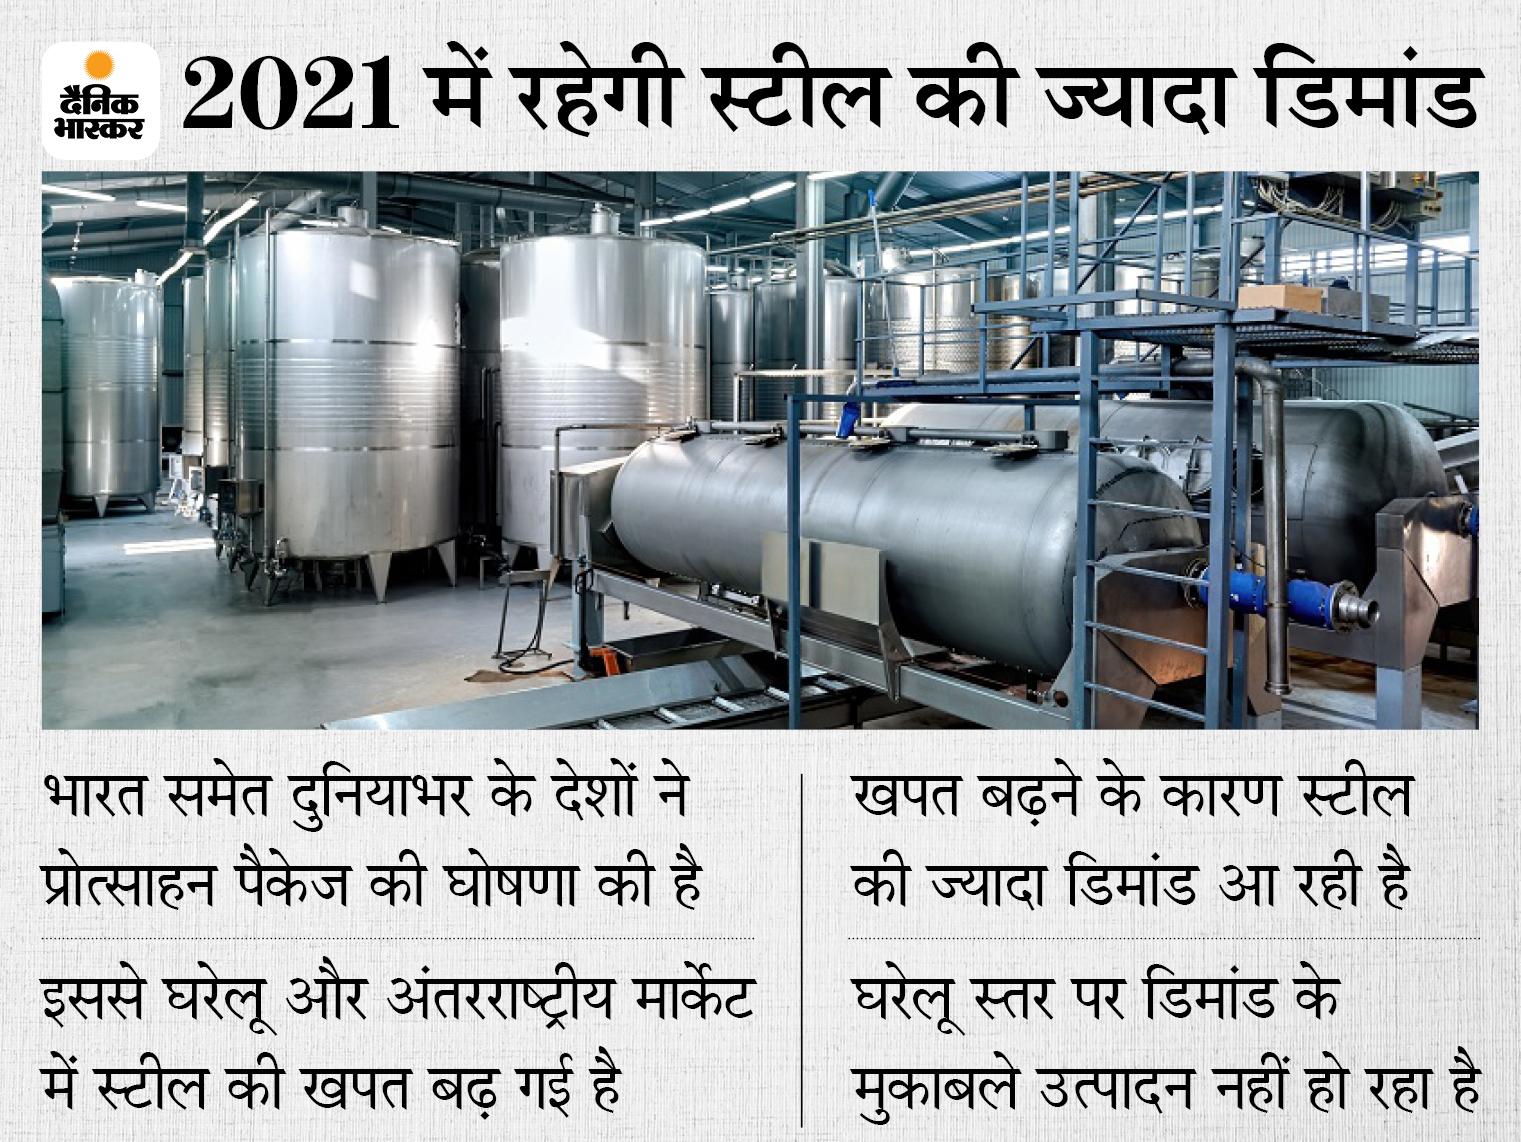 4900 रुपए प्रति टन महंगी हुई स्टील, कंपनियों ने दो दिन में बढ़ाए दाम|बिजनेस,Business - Dainik Bhaskar